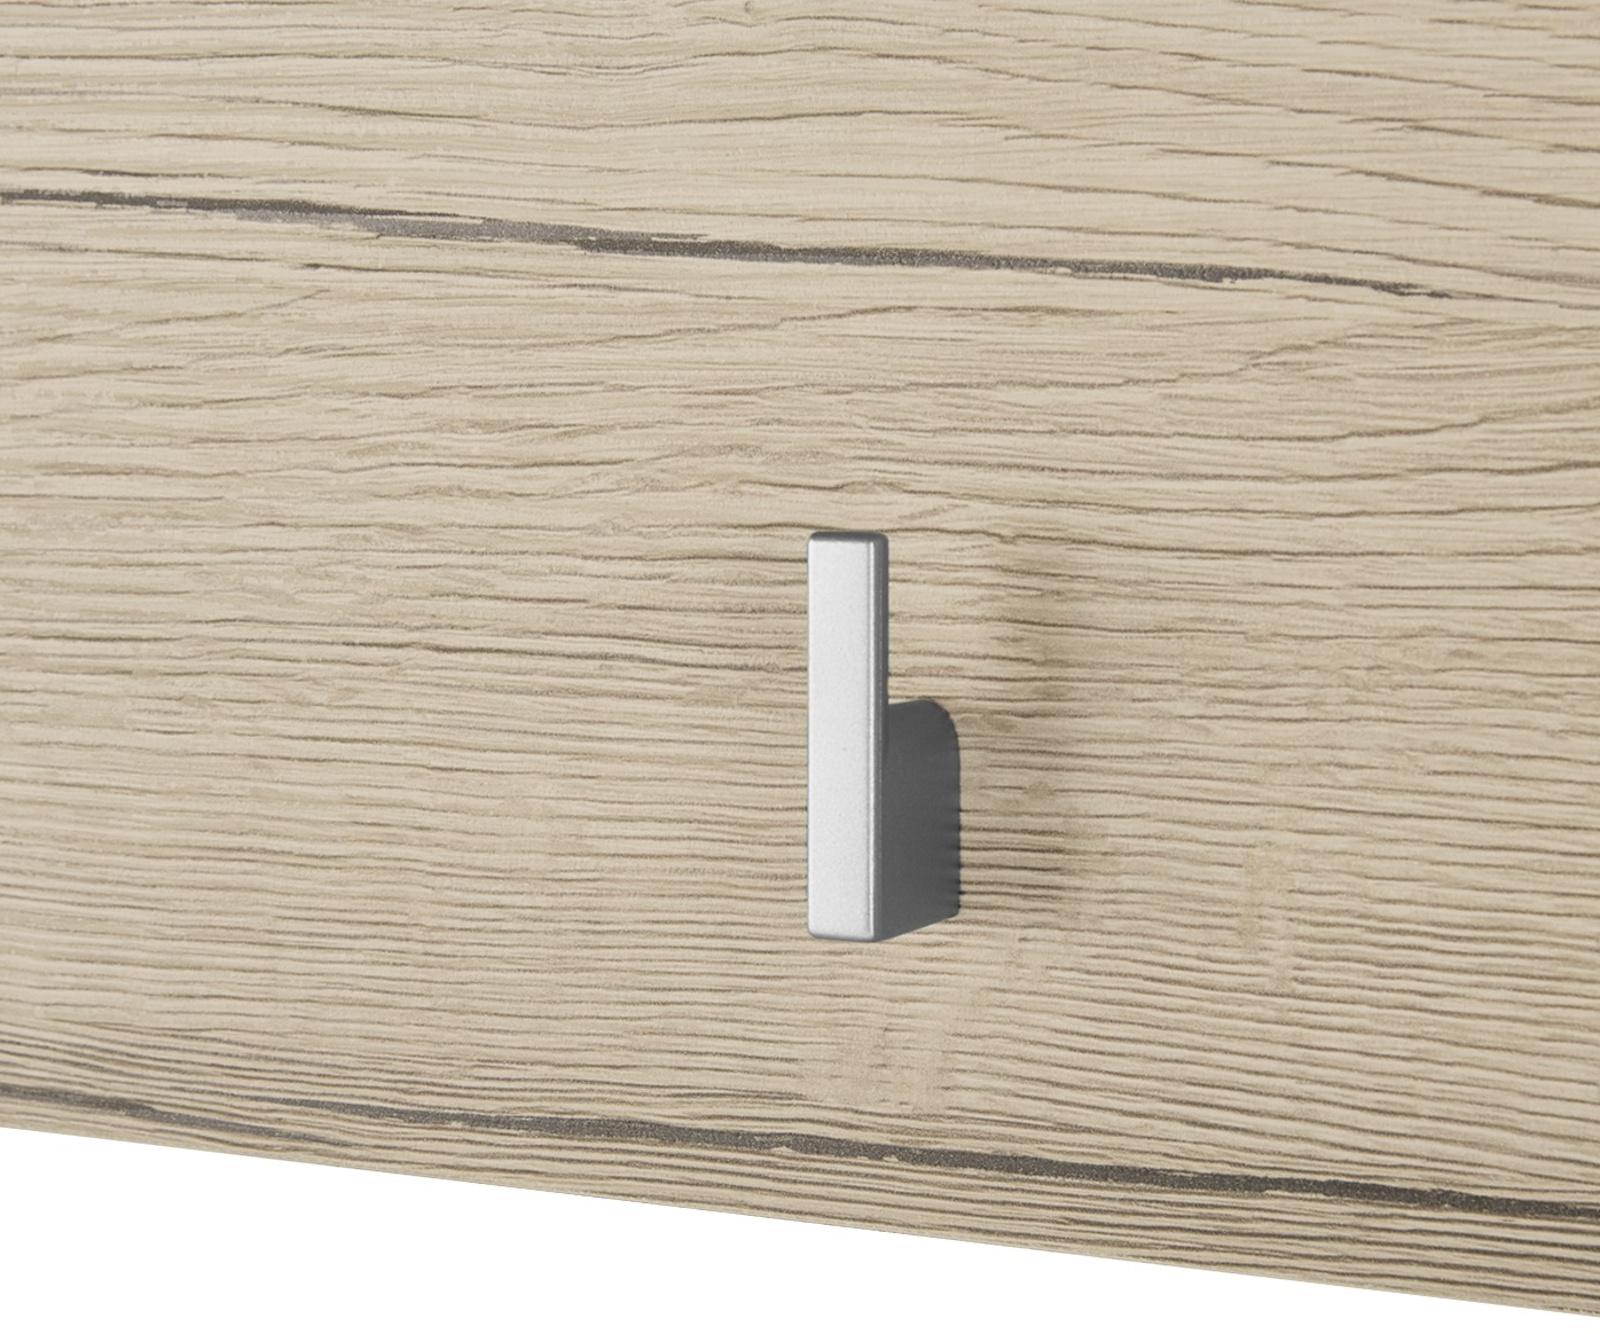 Bambusrollo 2 m breit neu schrank 2m breit luxus home for Garderobe 2m